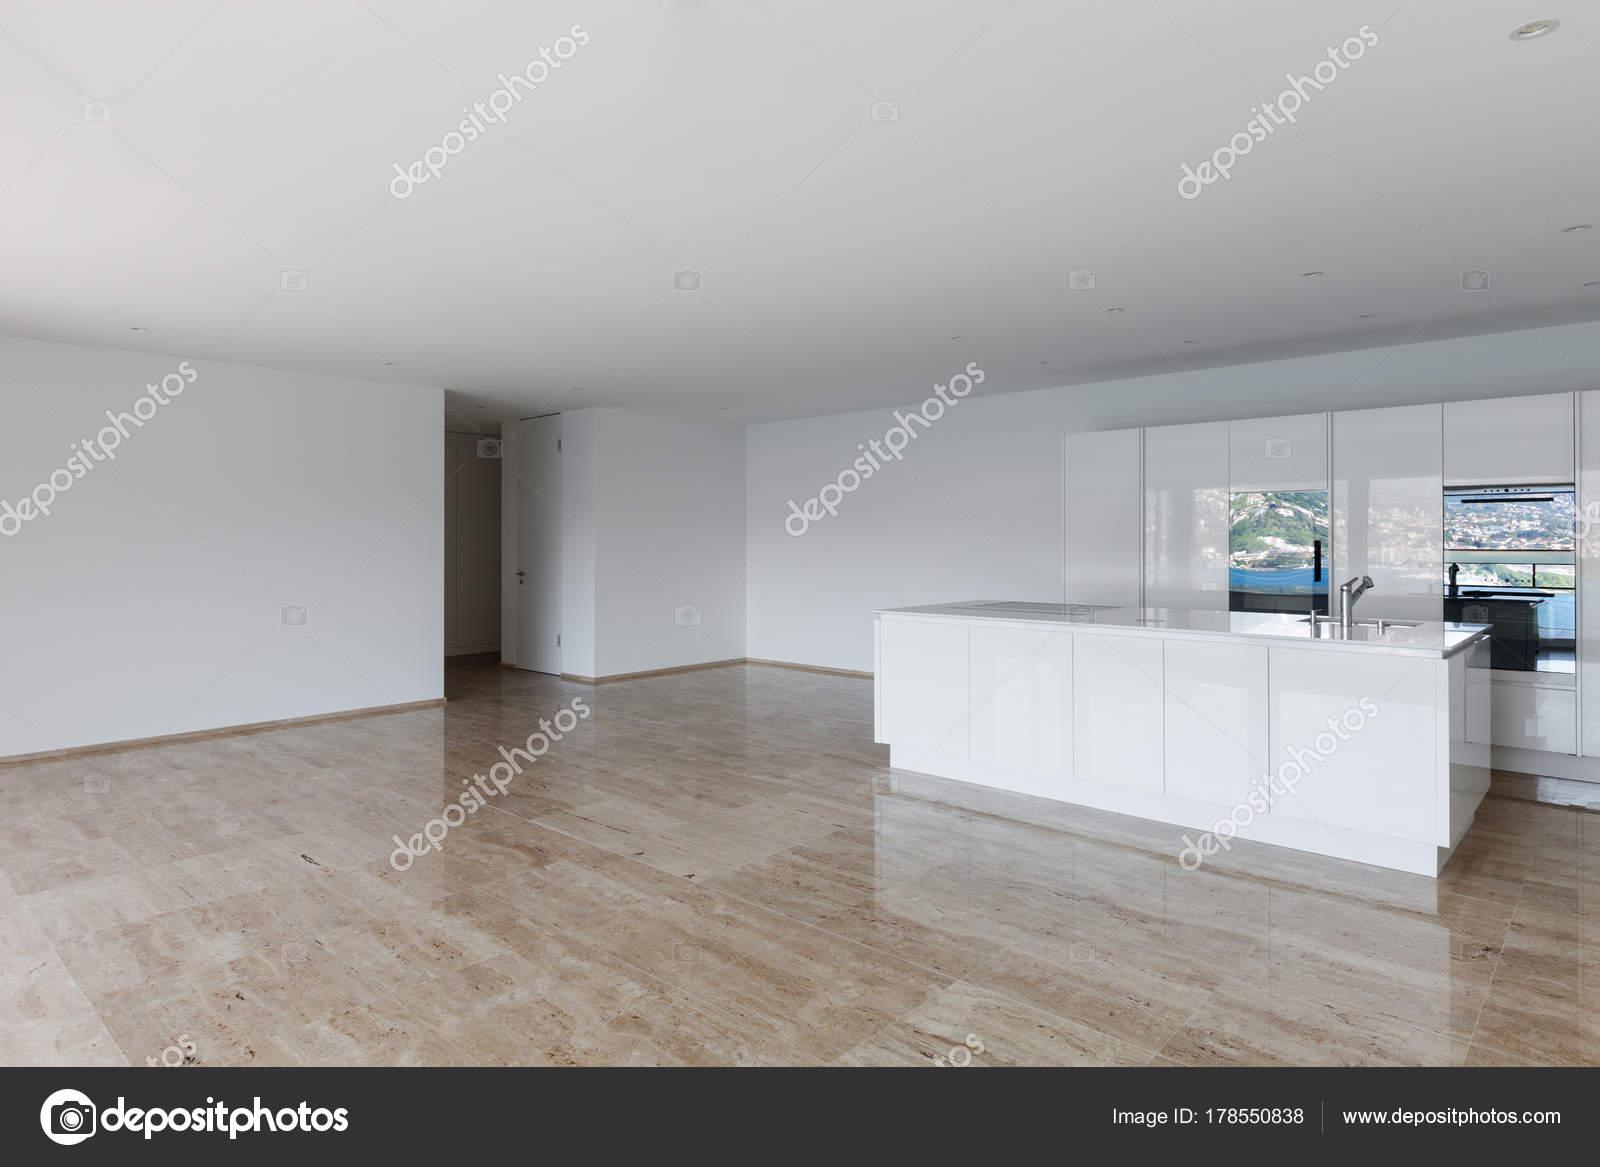 Schöne Wohnung Leer Marmorboden Moderne Küche — Stockfoto © Zveiger ...